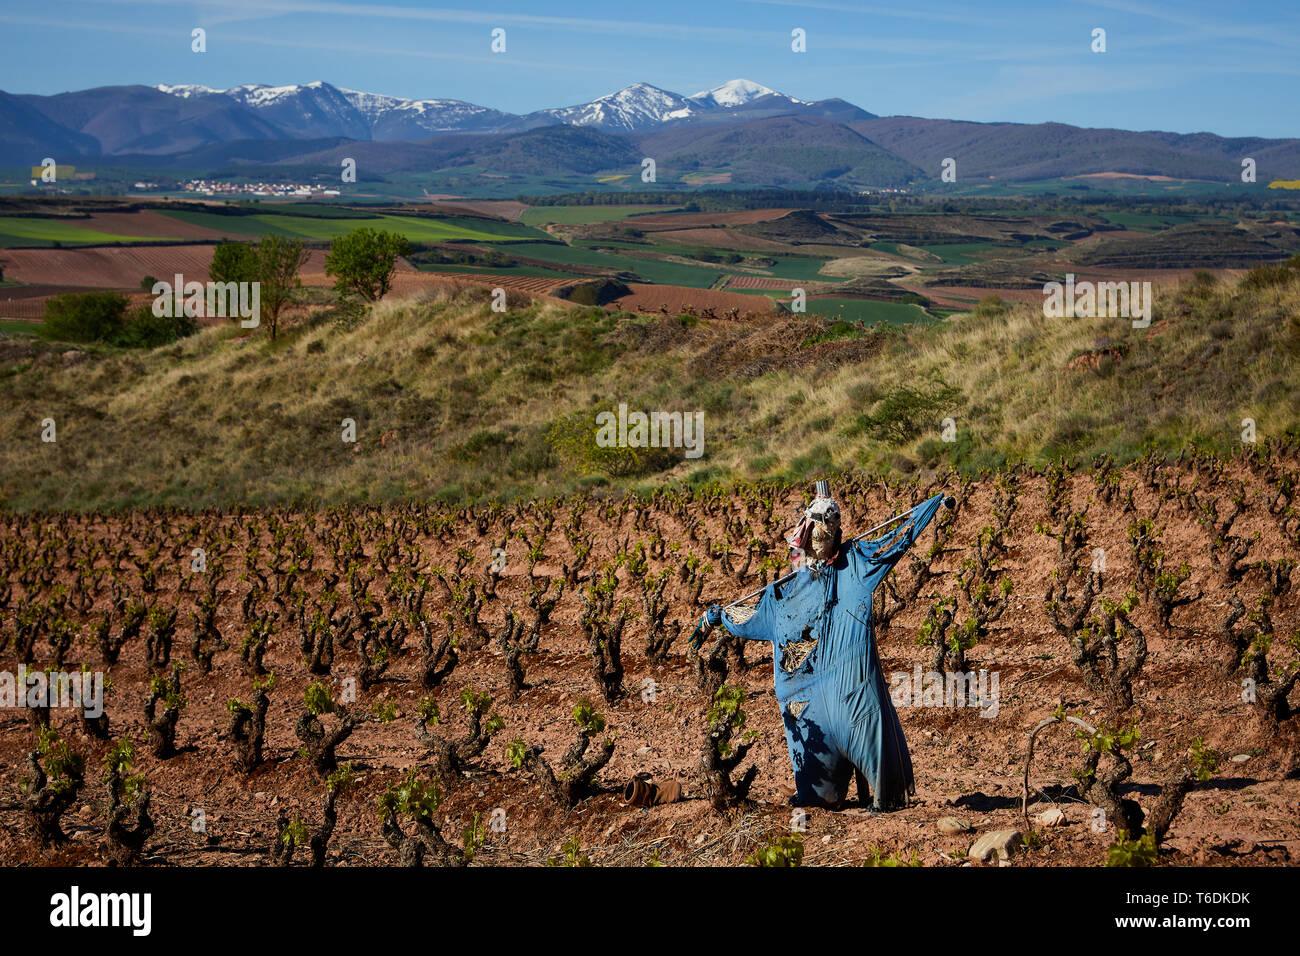 30/4/19 spaventapasseri in mezzo alle foglie oung riprese in tempranillo vigneti vicino a Azofra (La Rioja), Spagna. Foto di James Sturcke | sturcke.org Immagini Stock